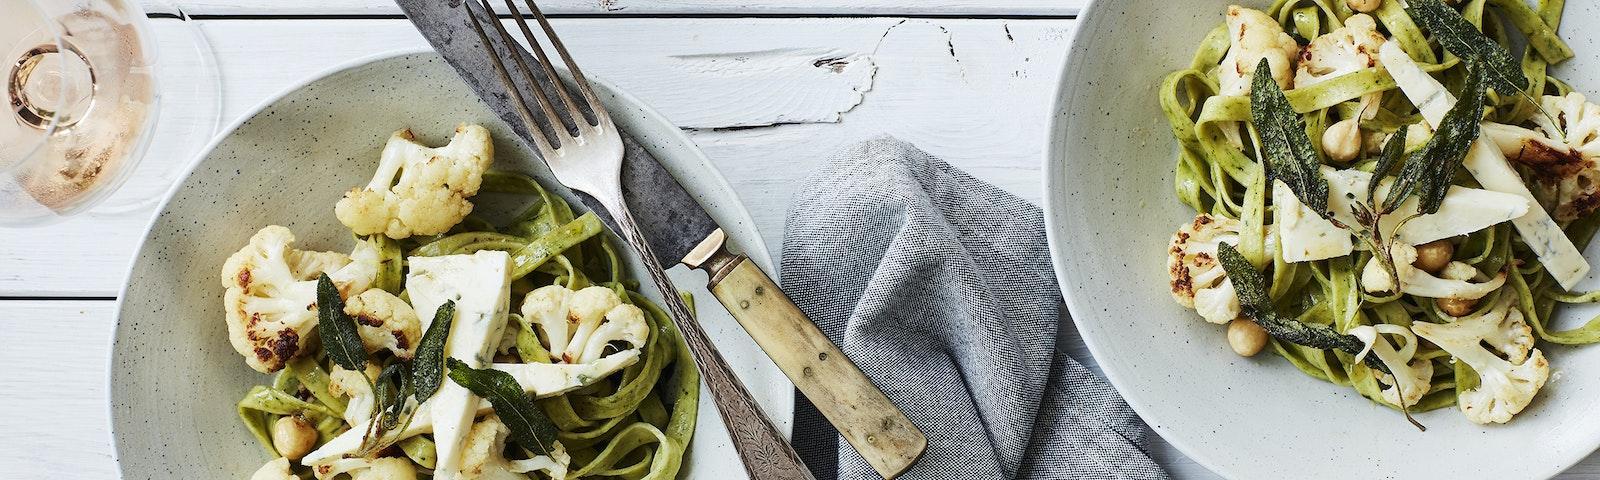 Pasta med smörstekt blomkål och gorgonzola